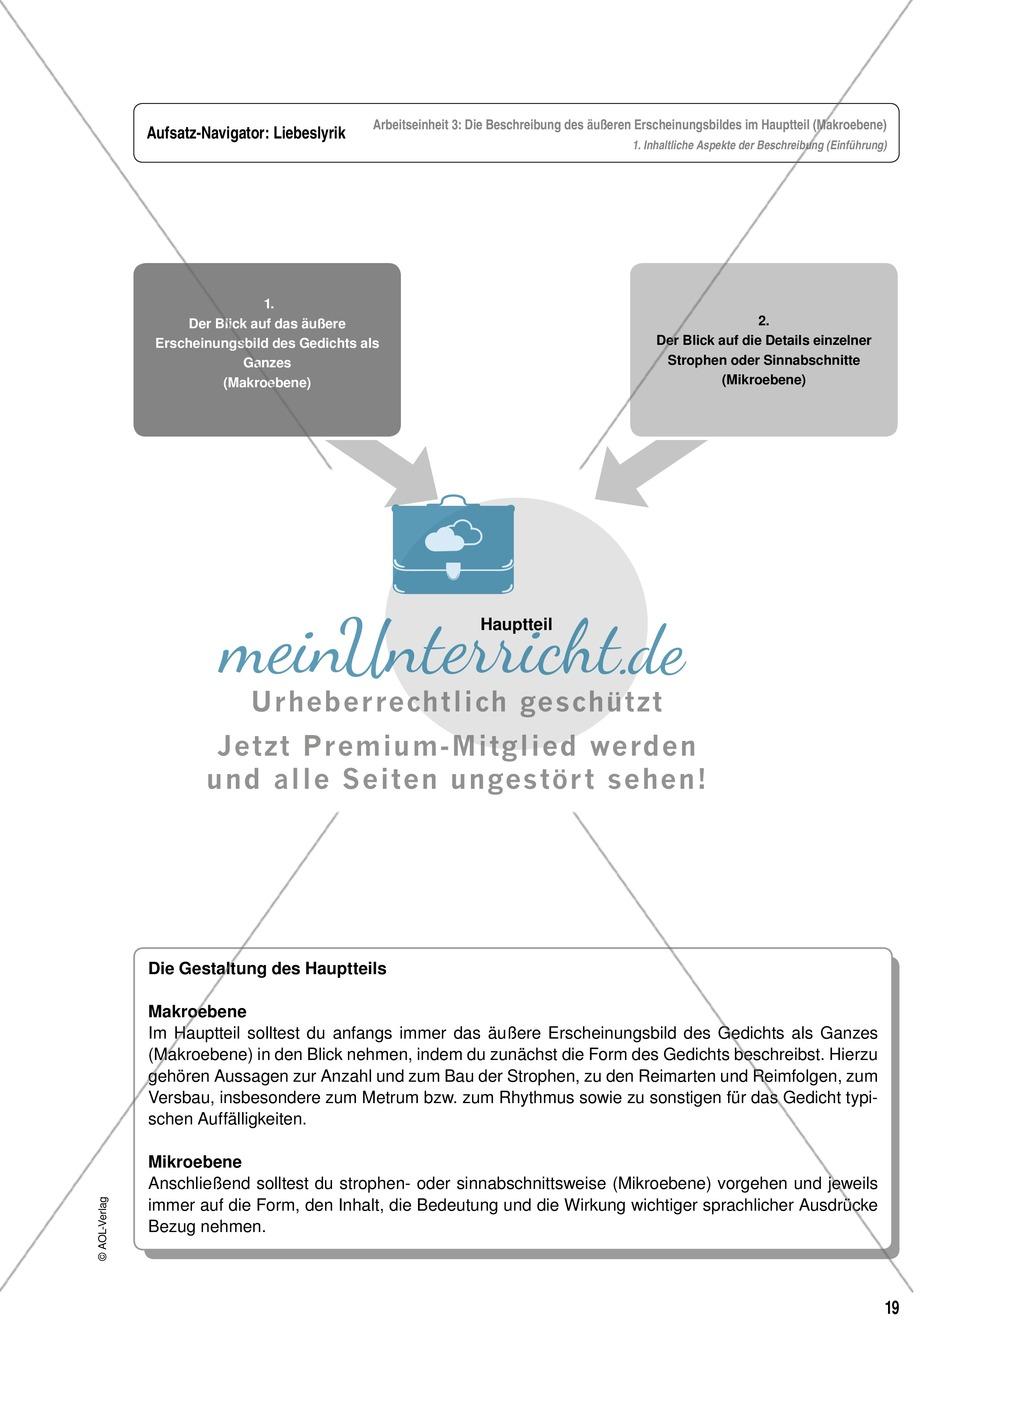 Arbeitseinheit zur Gestaltung einer Analyse / Interpretation von Liebeslyrik - Die Beschreibung des äußeren Erscheinungsbildes im Hauptteil (Makroebene) Preview 0